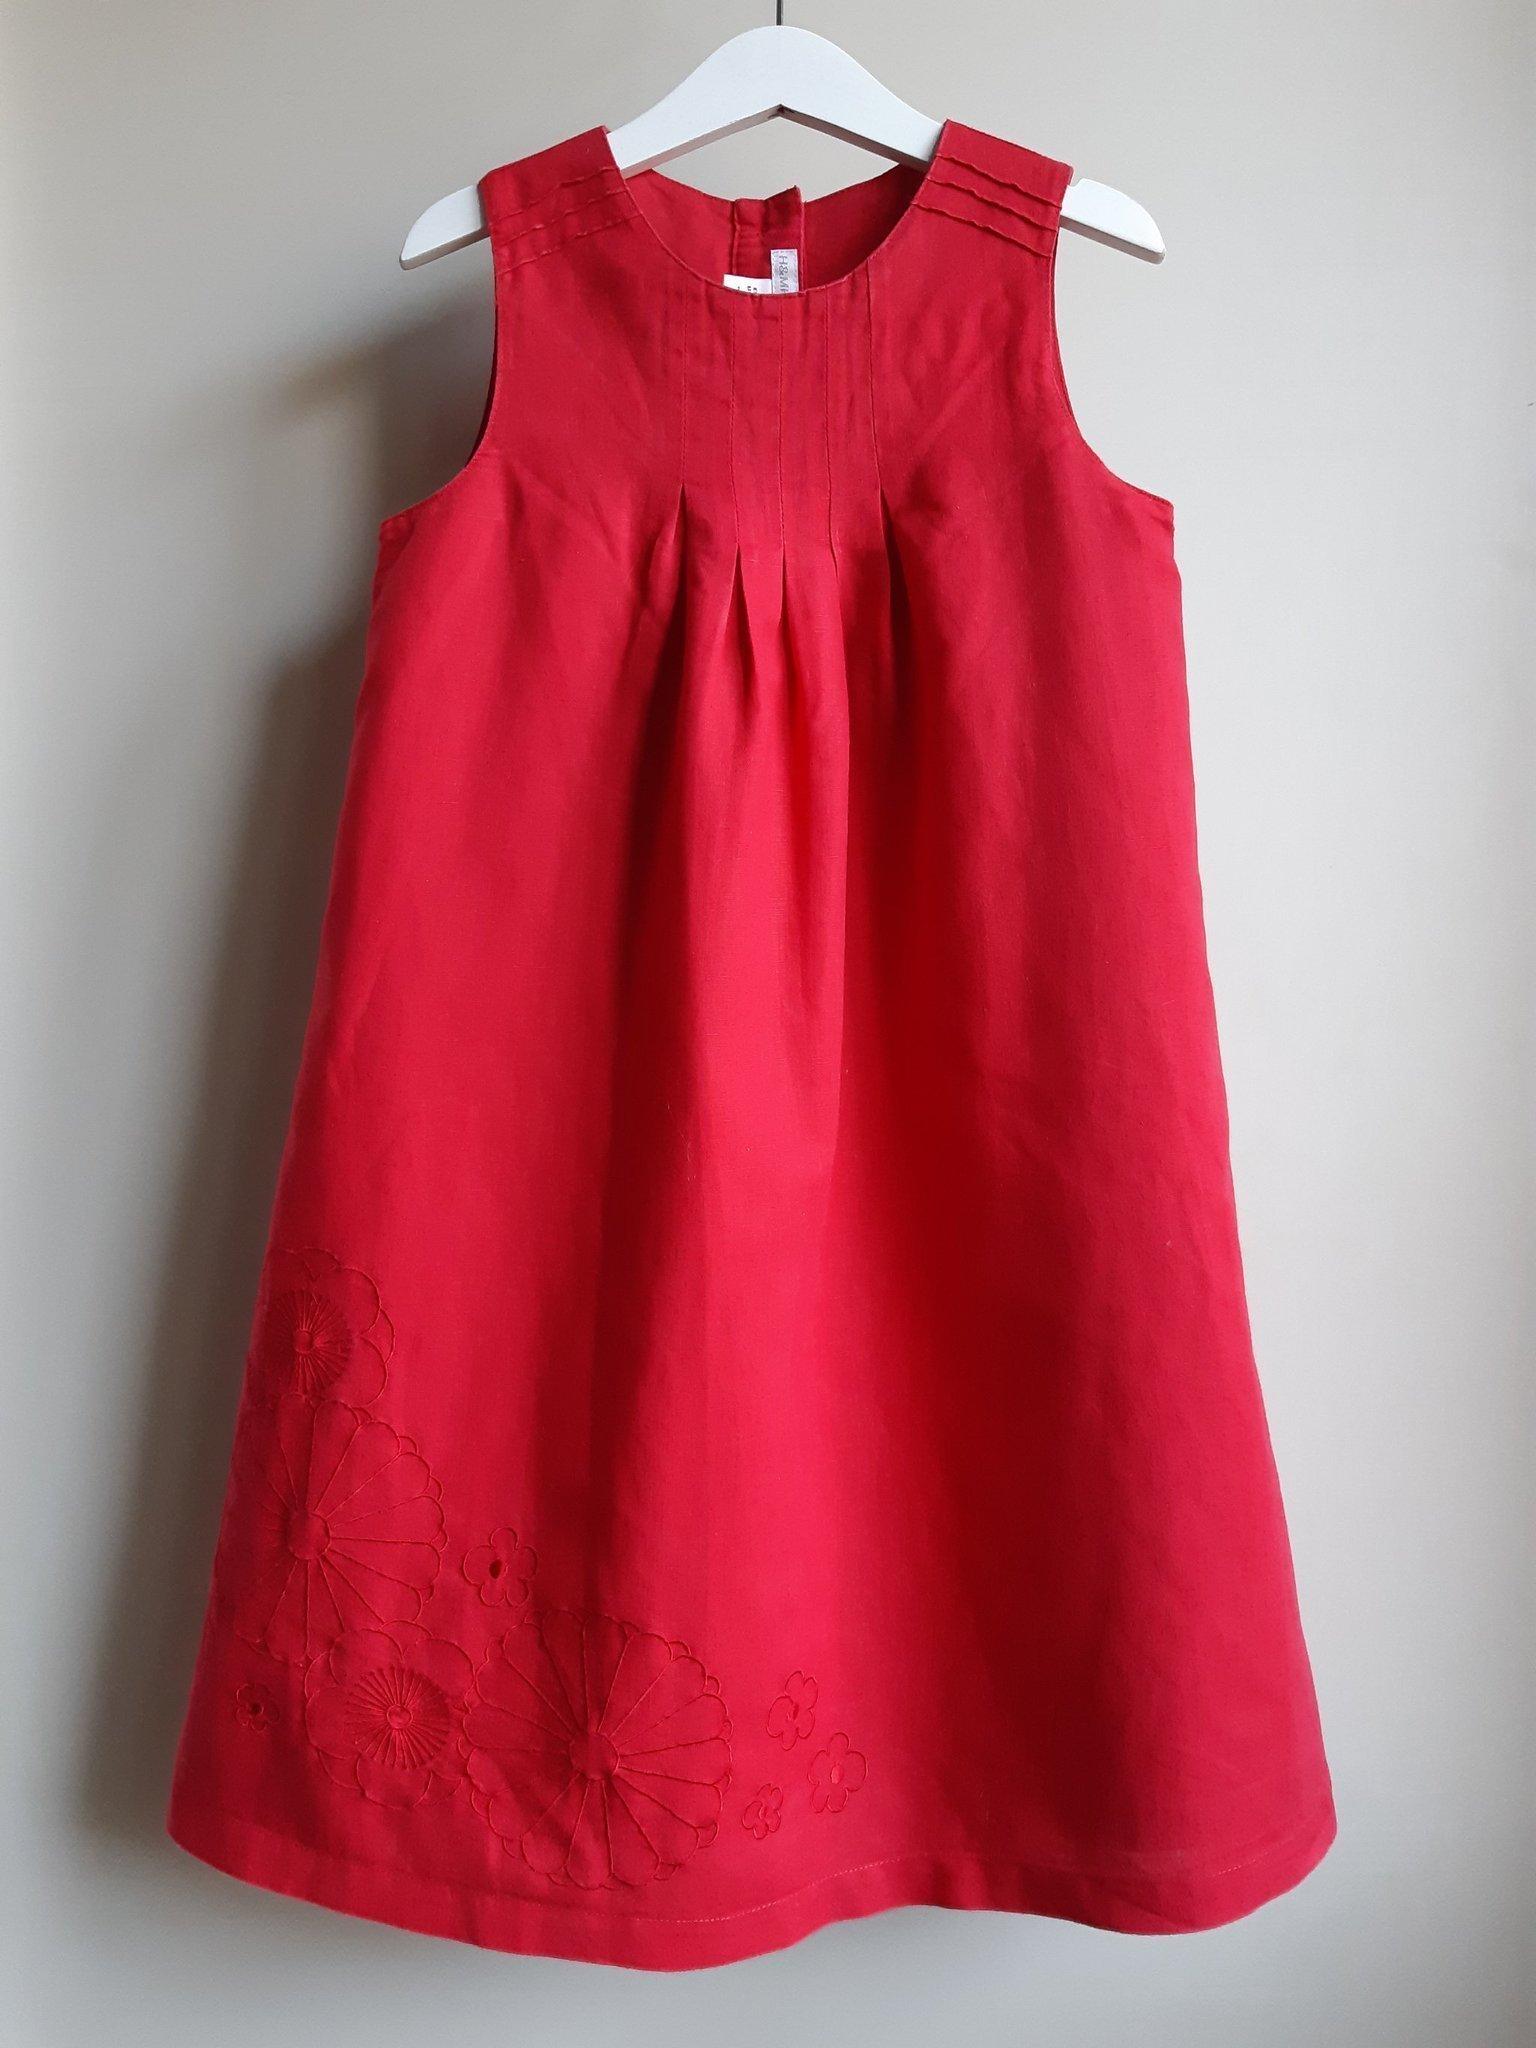 H&M röd klänning brodyr linne stl 122 (398788852) ᐈ Köp på